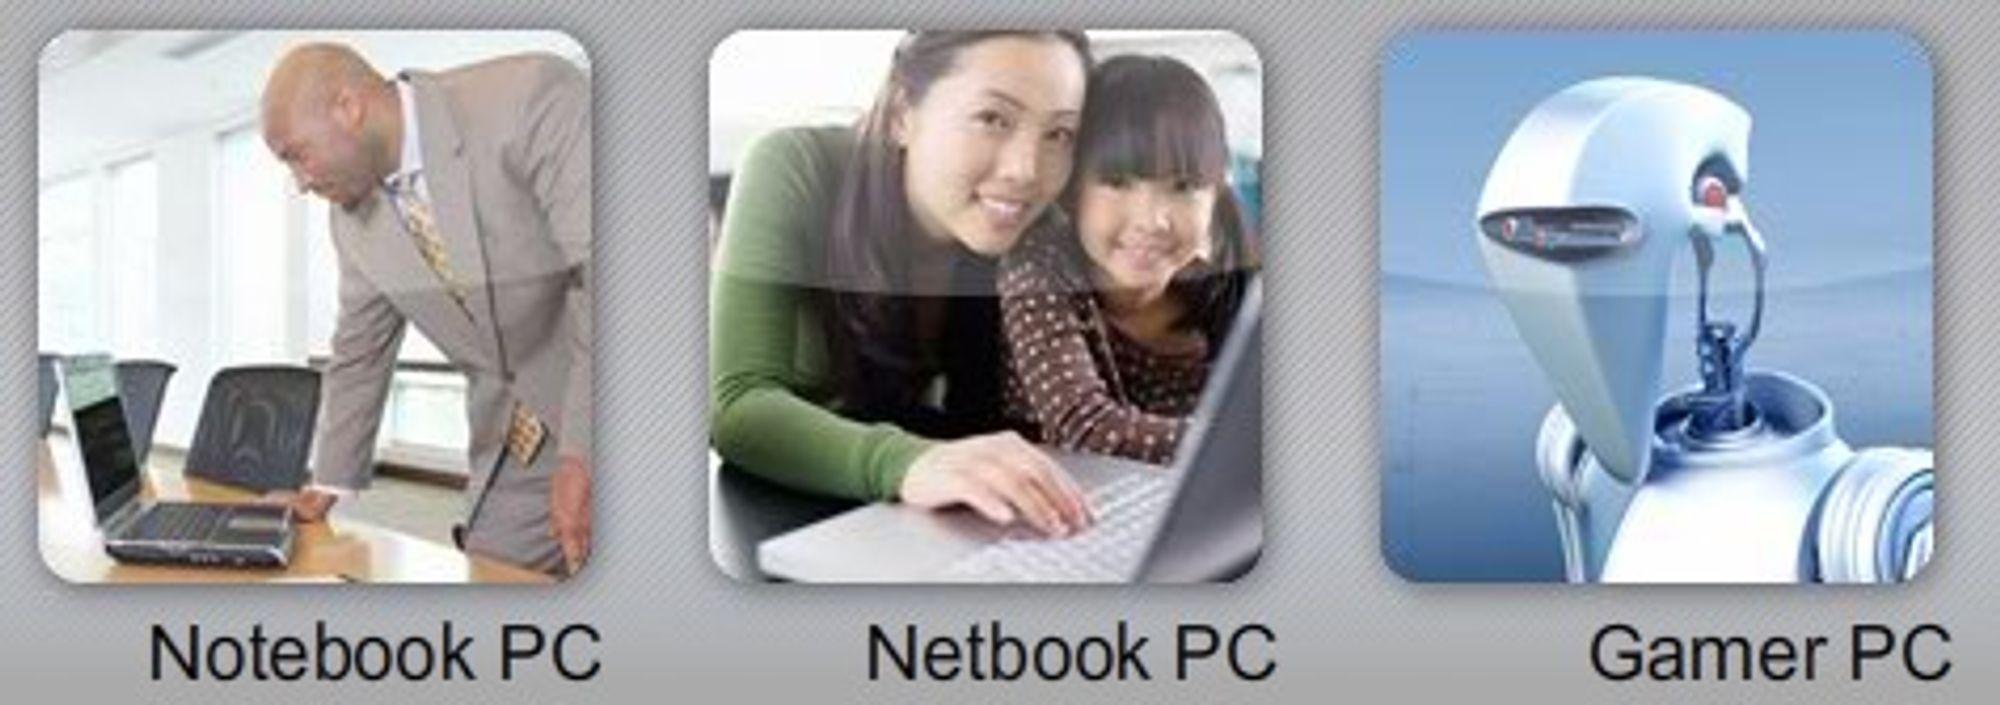 WePC.com er lar brukere arbeide samme for å komme frem til den perfekte bærbare, ultraportable pc eller spill-pc. (Foto: wepc.com)